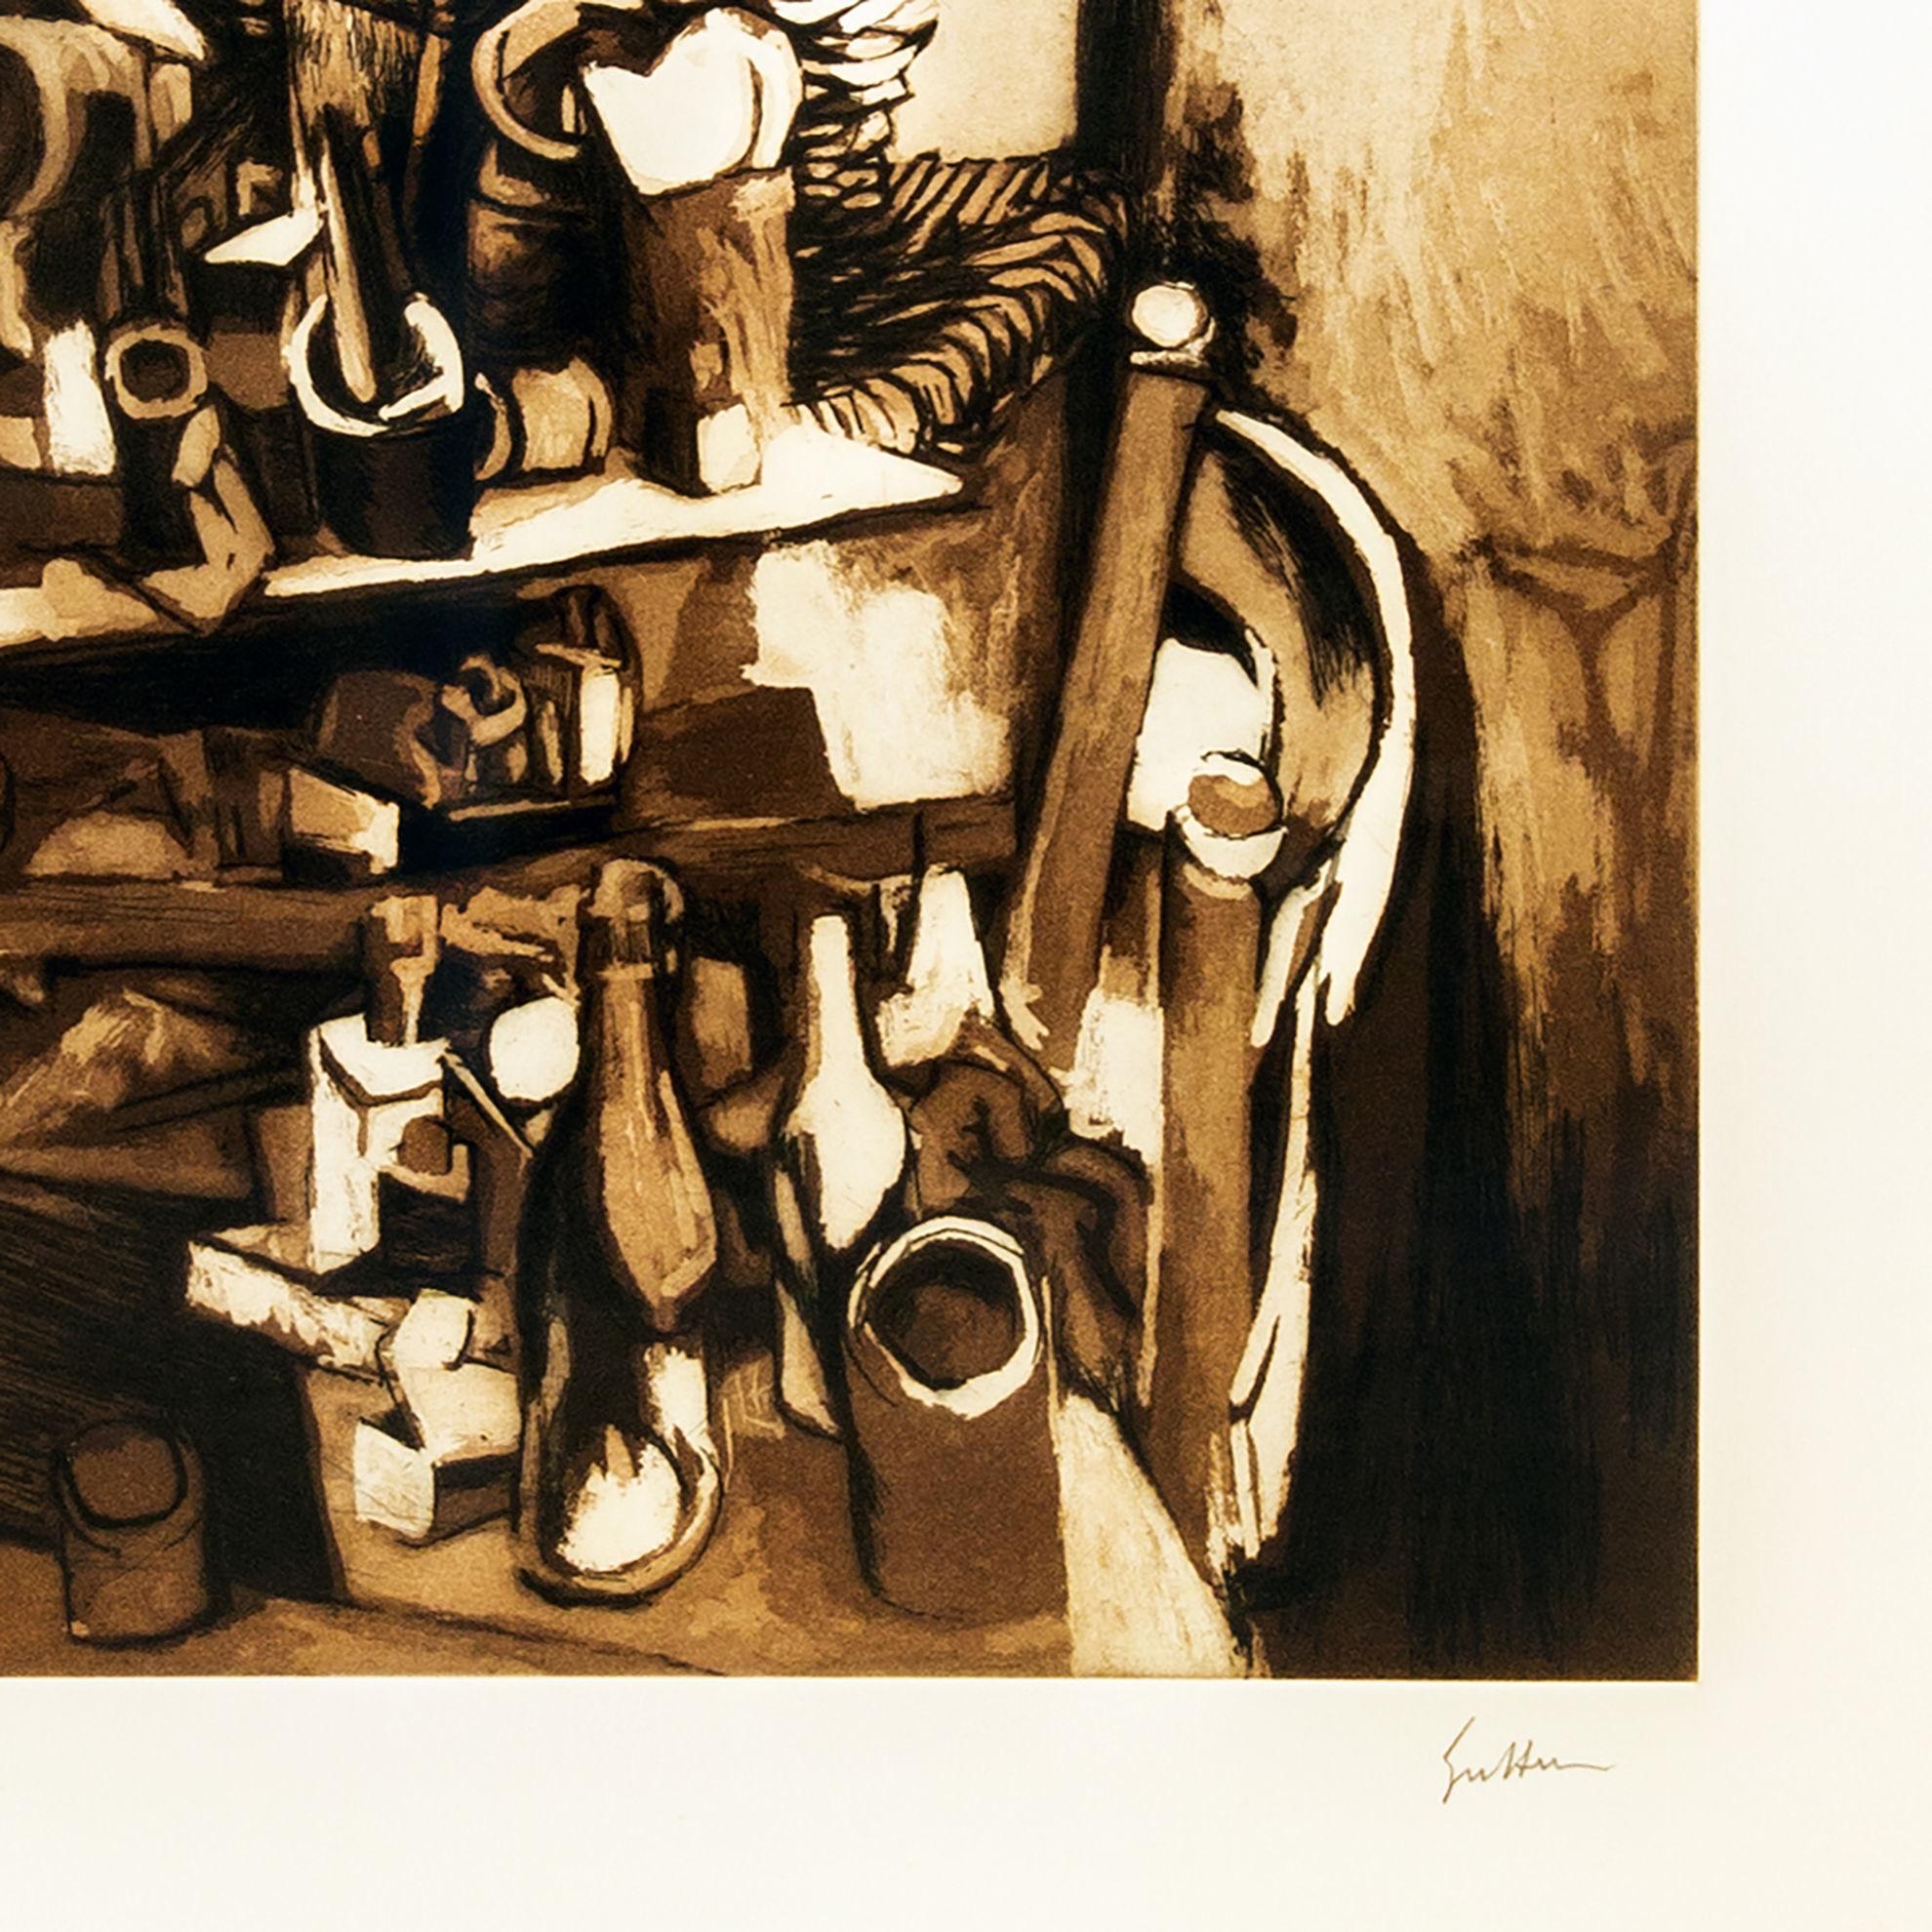 Immagine di Damigiane composizione